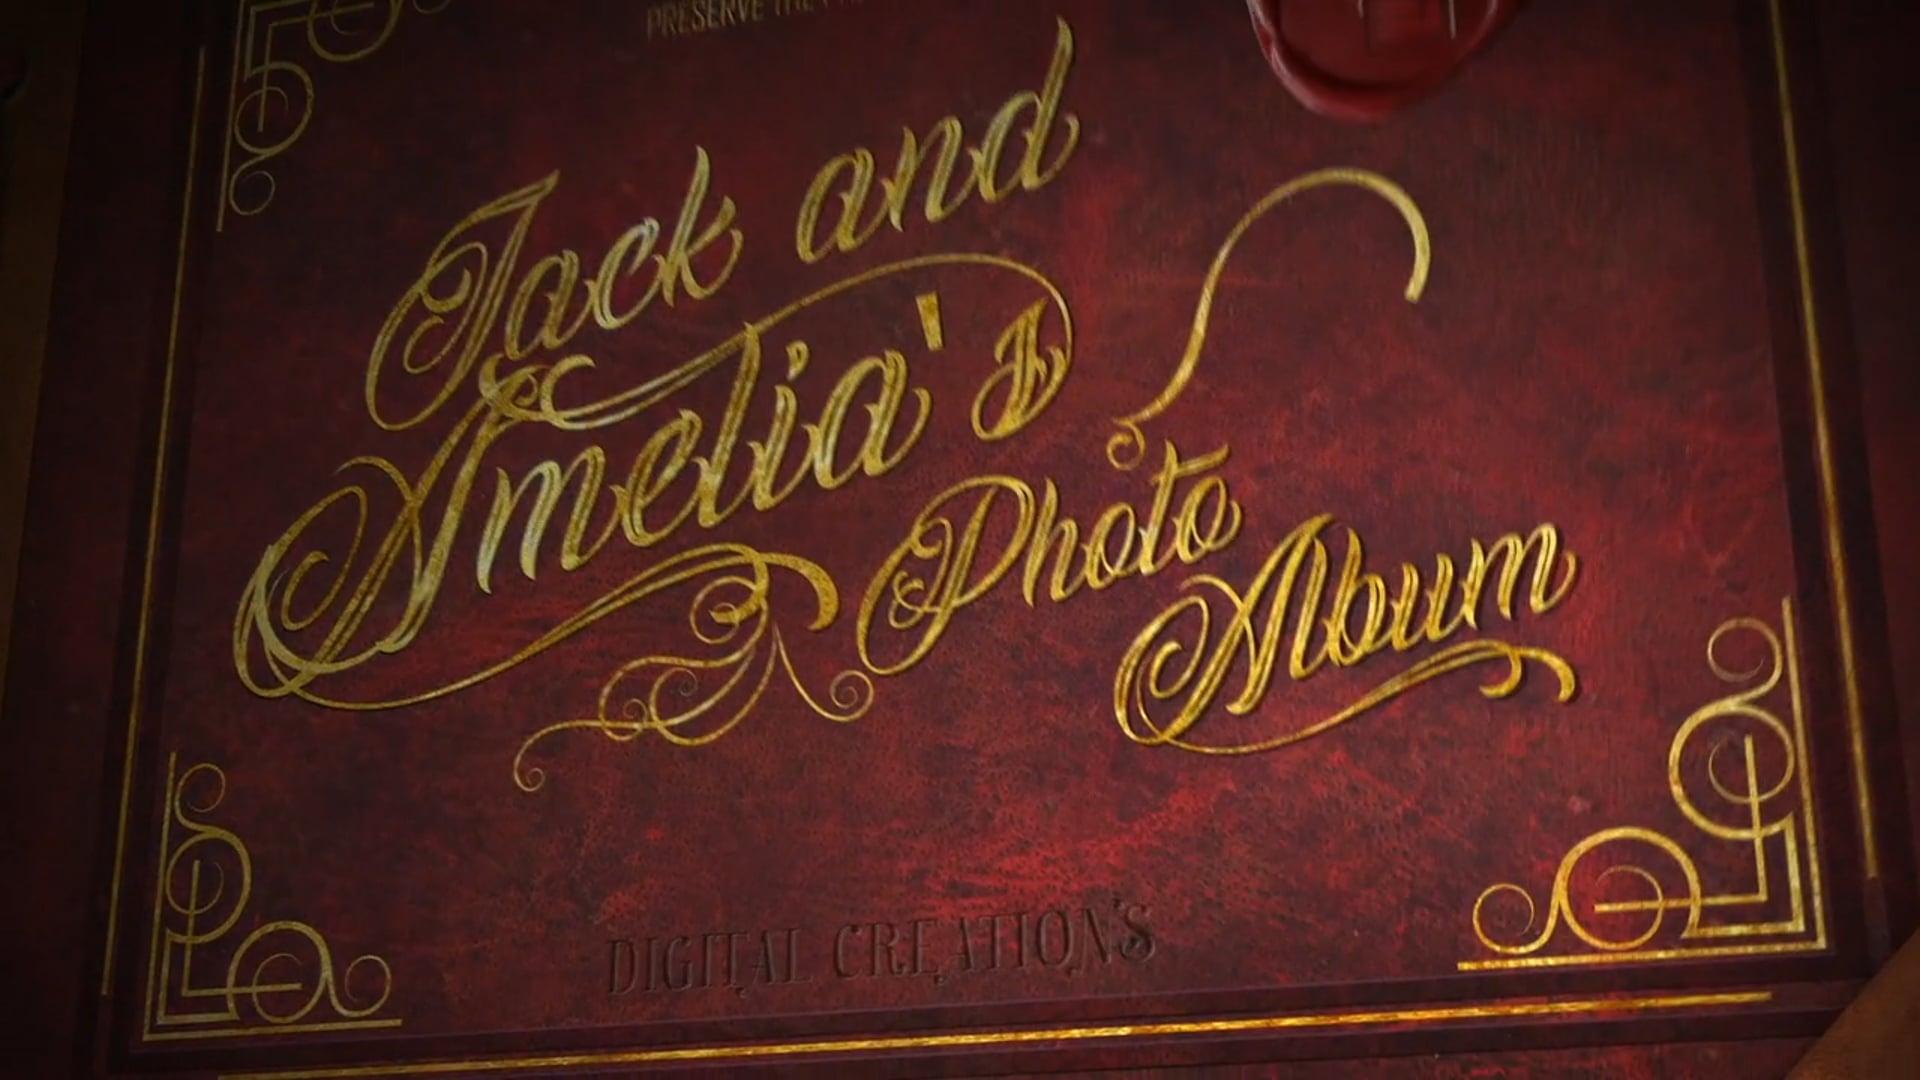 Jack & Amelia's Photo Album